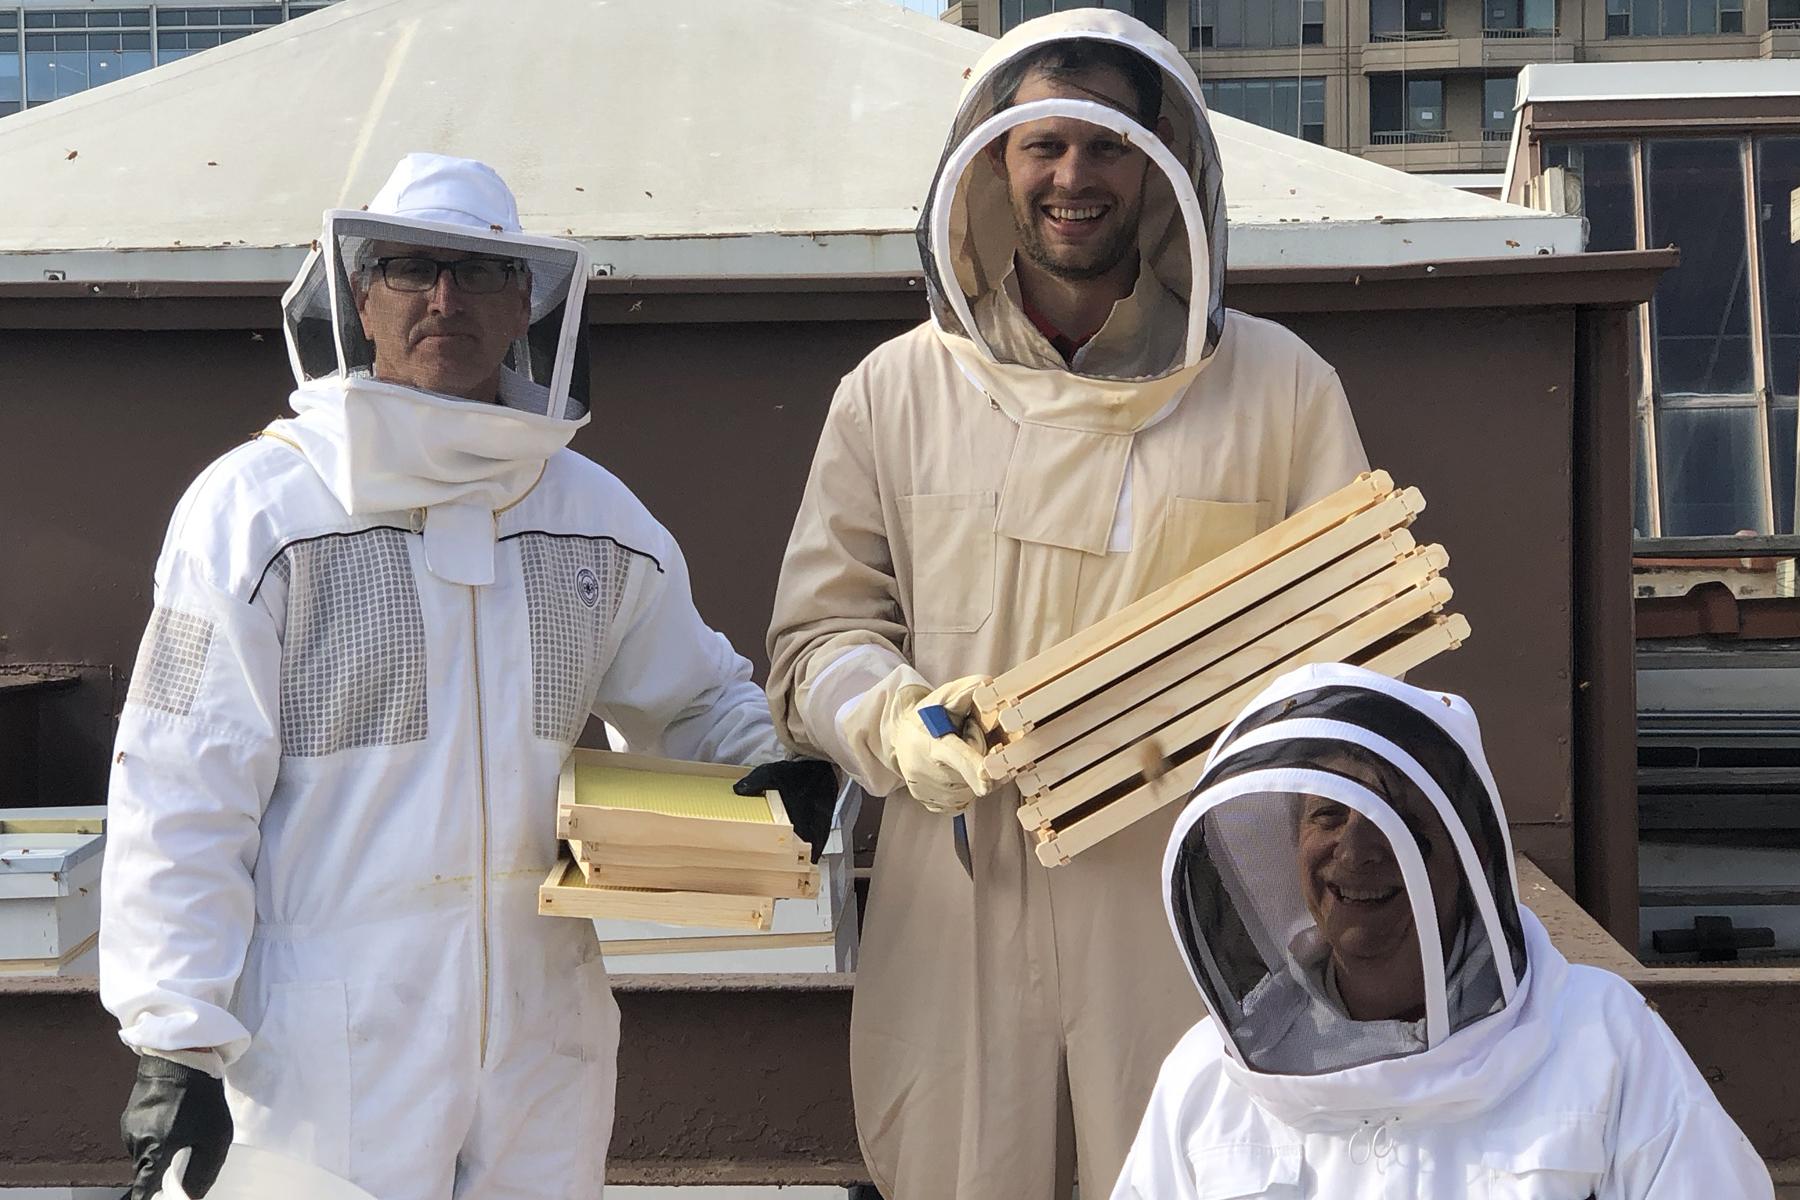 Beekeeping01.jpg?mtime=20180514102829#as